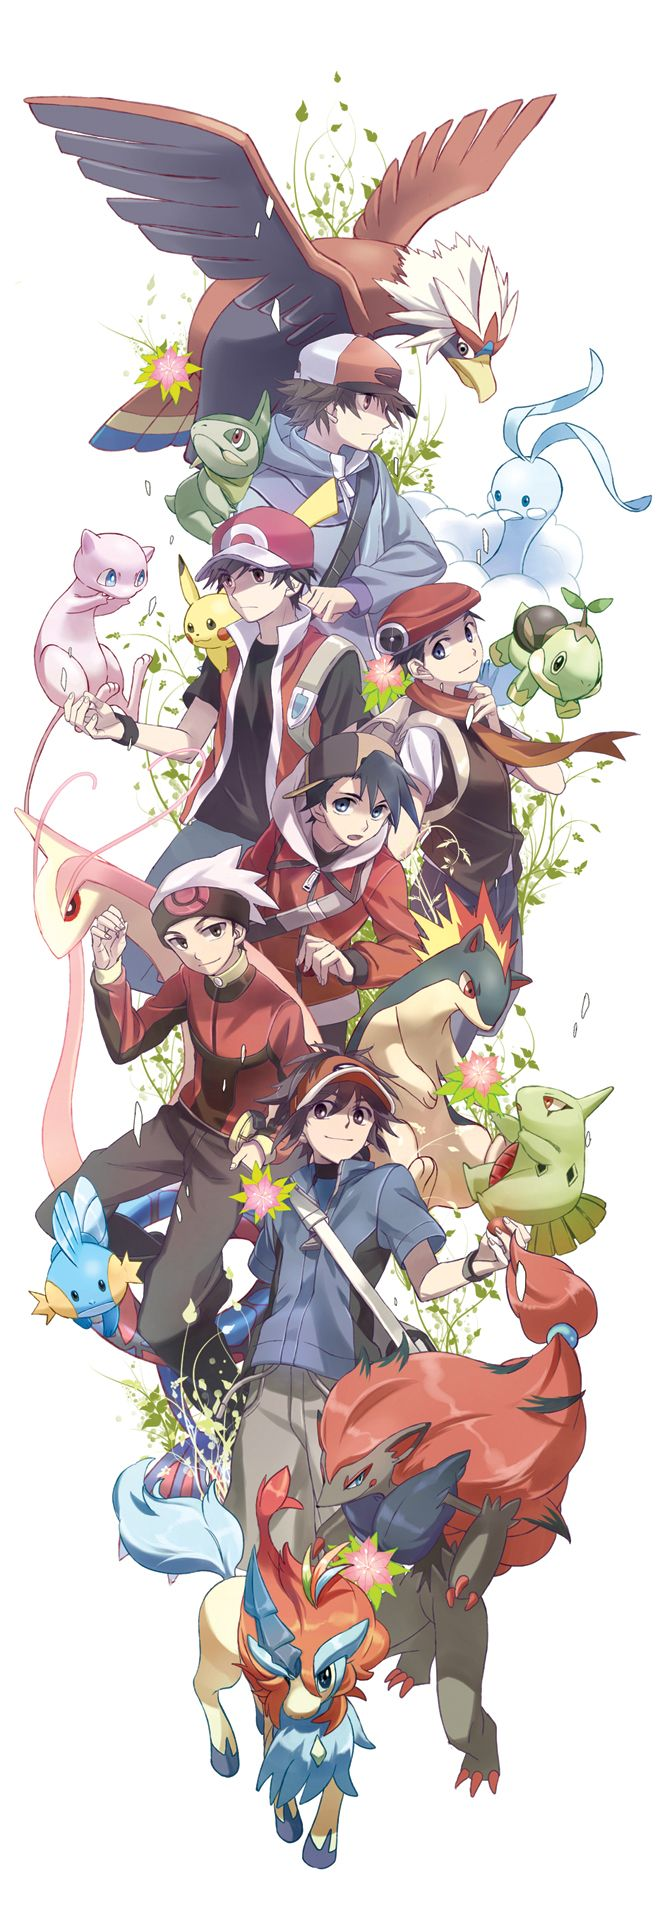 Deseo ser un entrenador pokemon porque...  1)Quiero ser libre para hacer lo que quiera 2) Viajar por el Mundo 3) Ser Leyenda